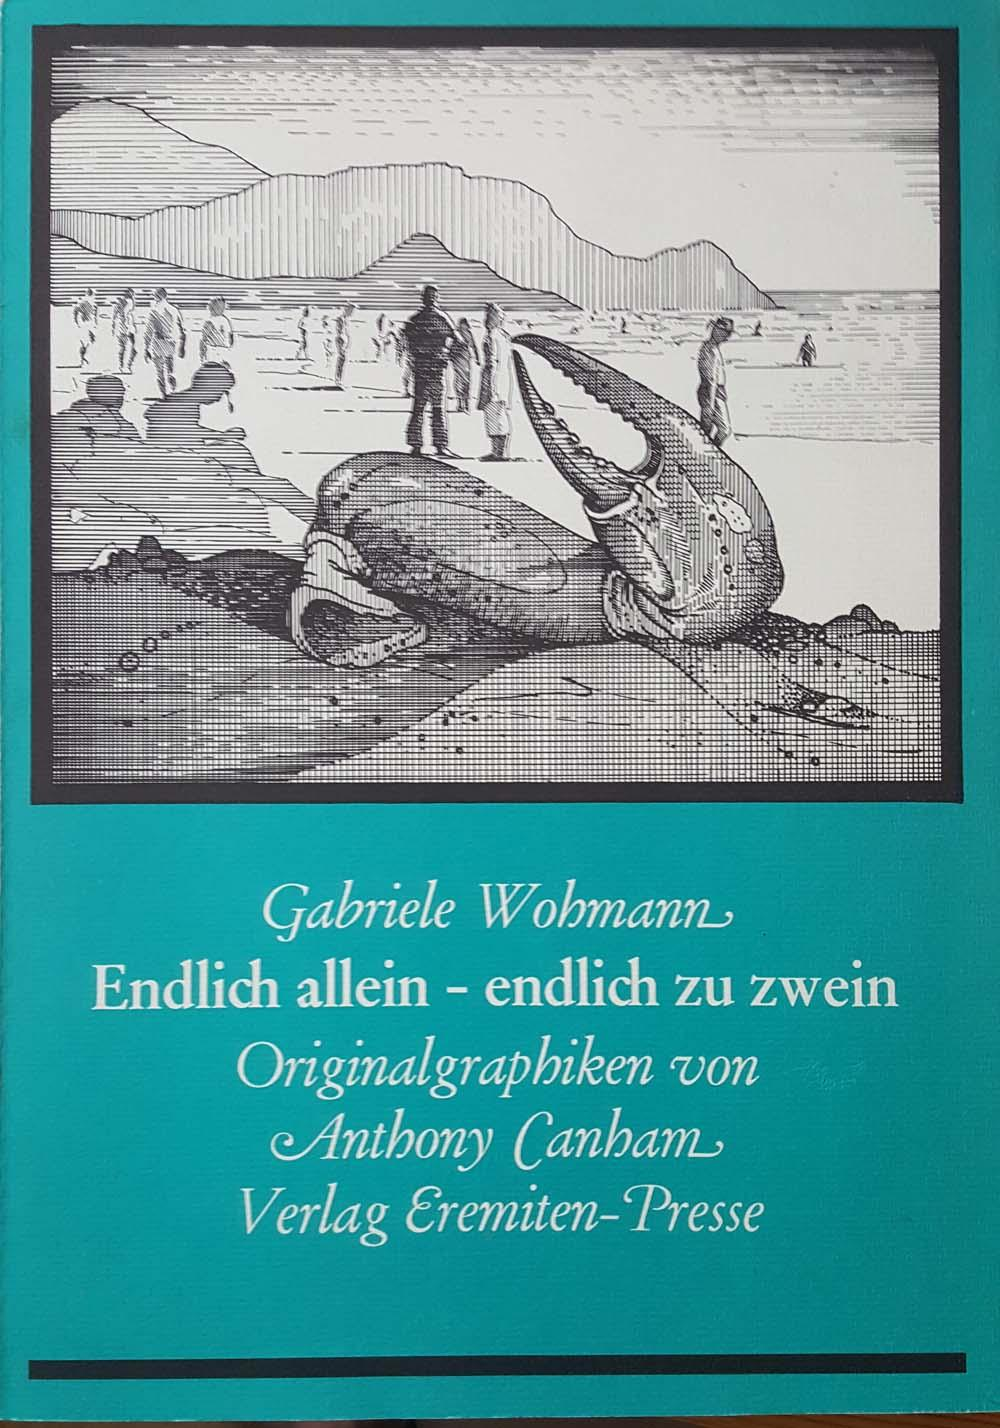 Endlich allein, endlich zu zwein Diese Ausgabe erscheint in einer Auflage von 750 numerierten Exemplaren. - Wohmann, Gabriele und Anthony. Canham